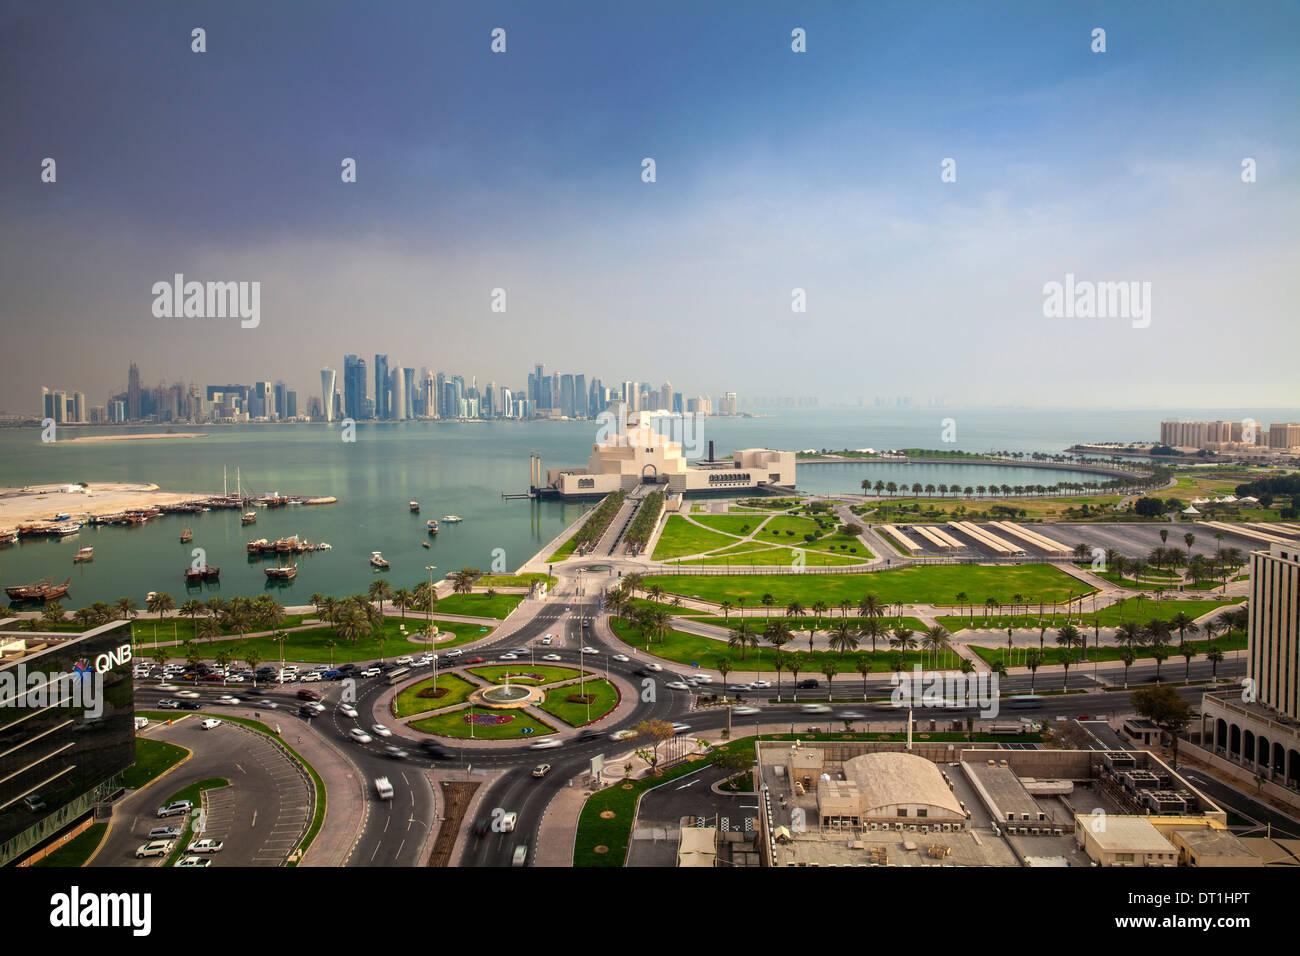 Museo de Arte Islámico, Doha, Qatar, Oriente Medio Imagen De Stock